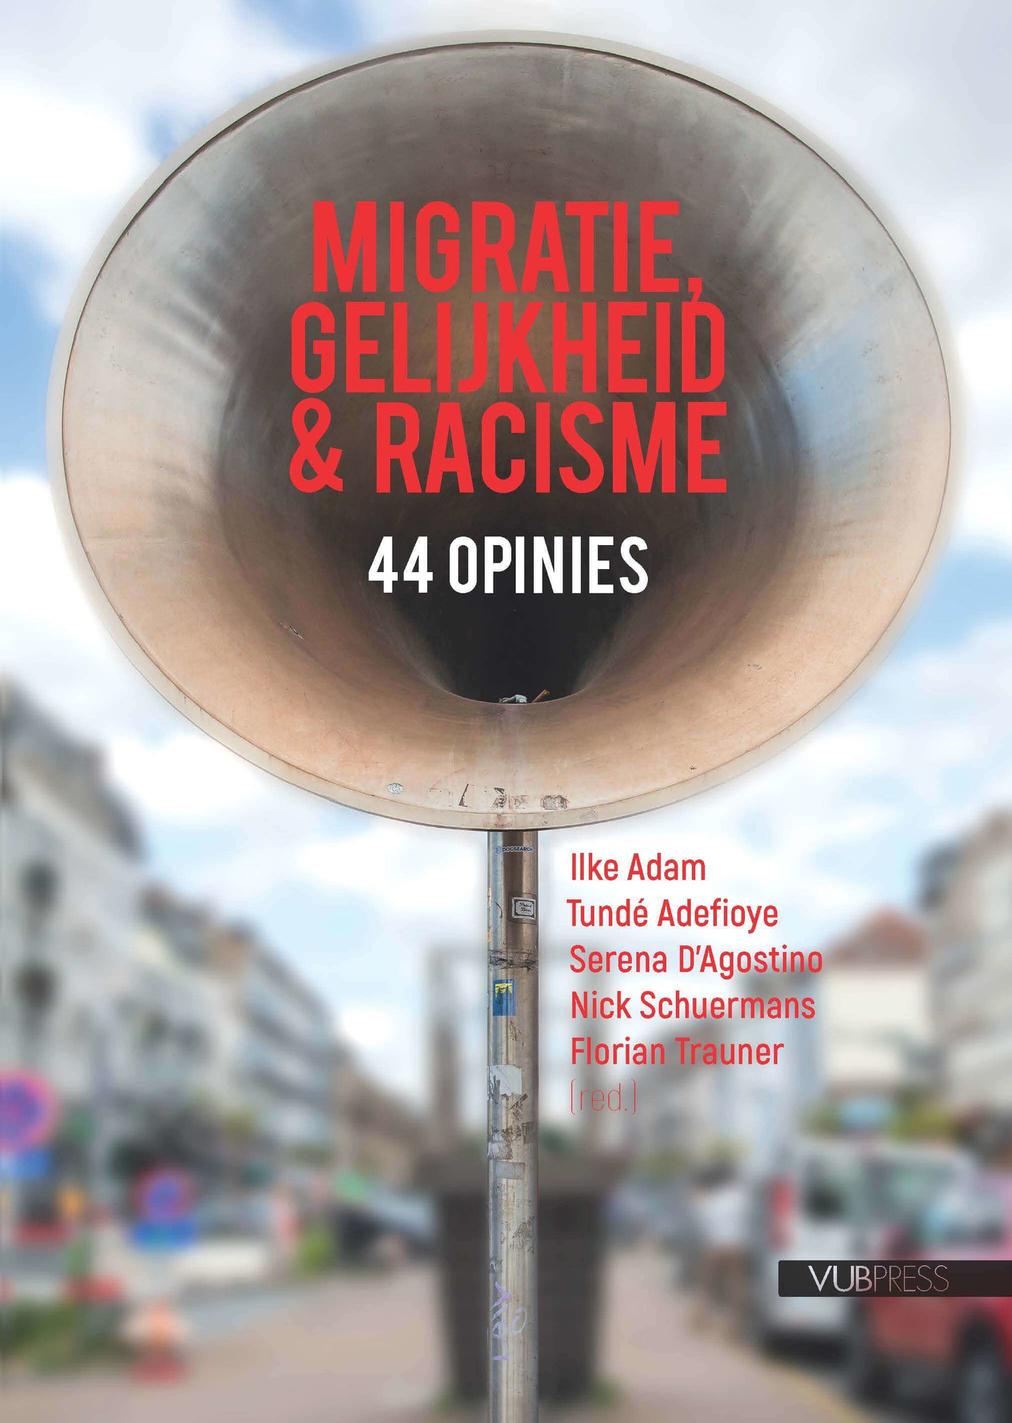 """""""Migration, Equality & Racism. 44 Opinions"""", is het werk van de denktank POINcaré van de Vrije Universiteit Brussel (VUB) in samenwerking met de interdisciplinaire onderzoeksgroep BIRMM. Het boek werd gecreëerd onder leiding van Ilke Adam, Tundé Adefioye, Serena D'Agostino, Nick Schuermans en Florian Trauner."""